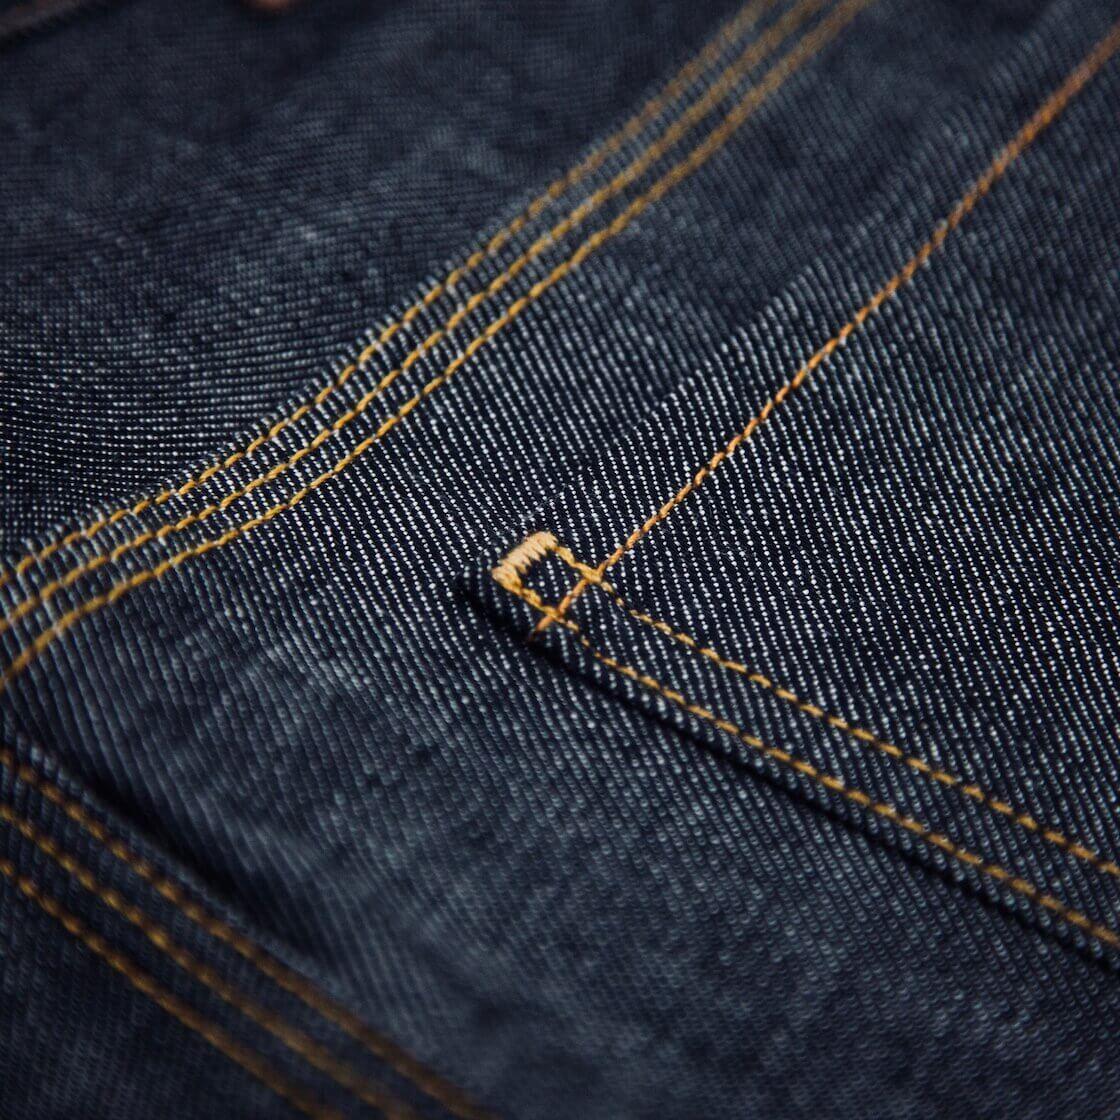 bartacking on back pocket of jeans